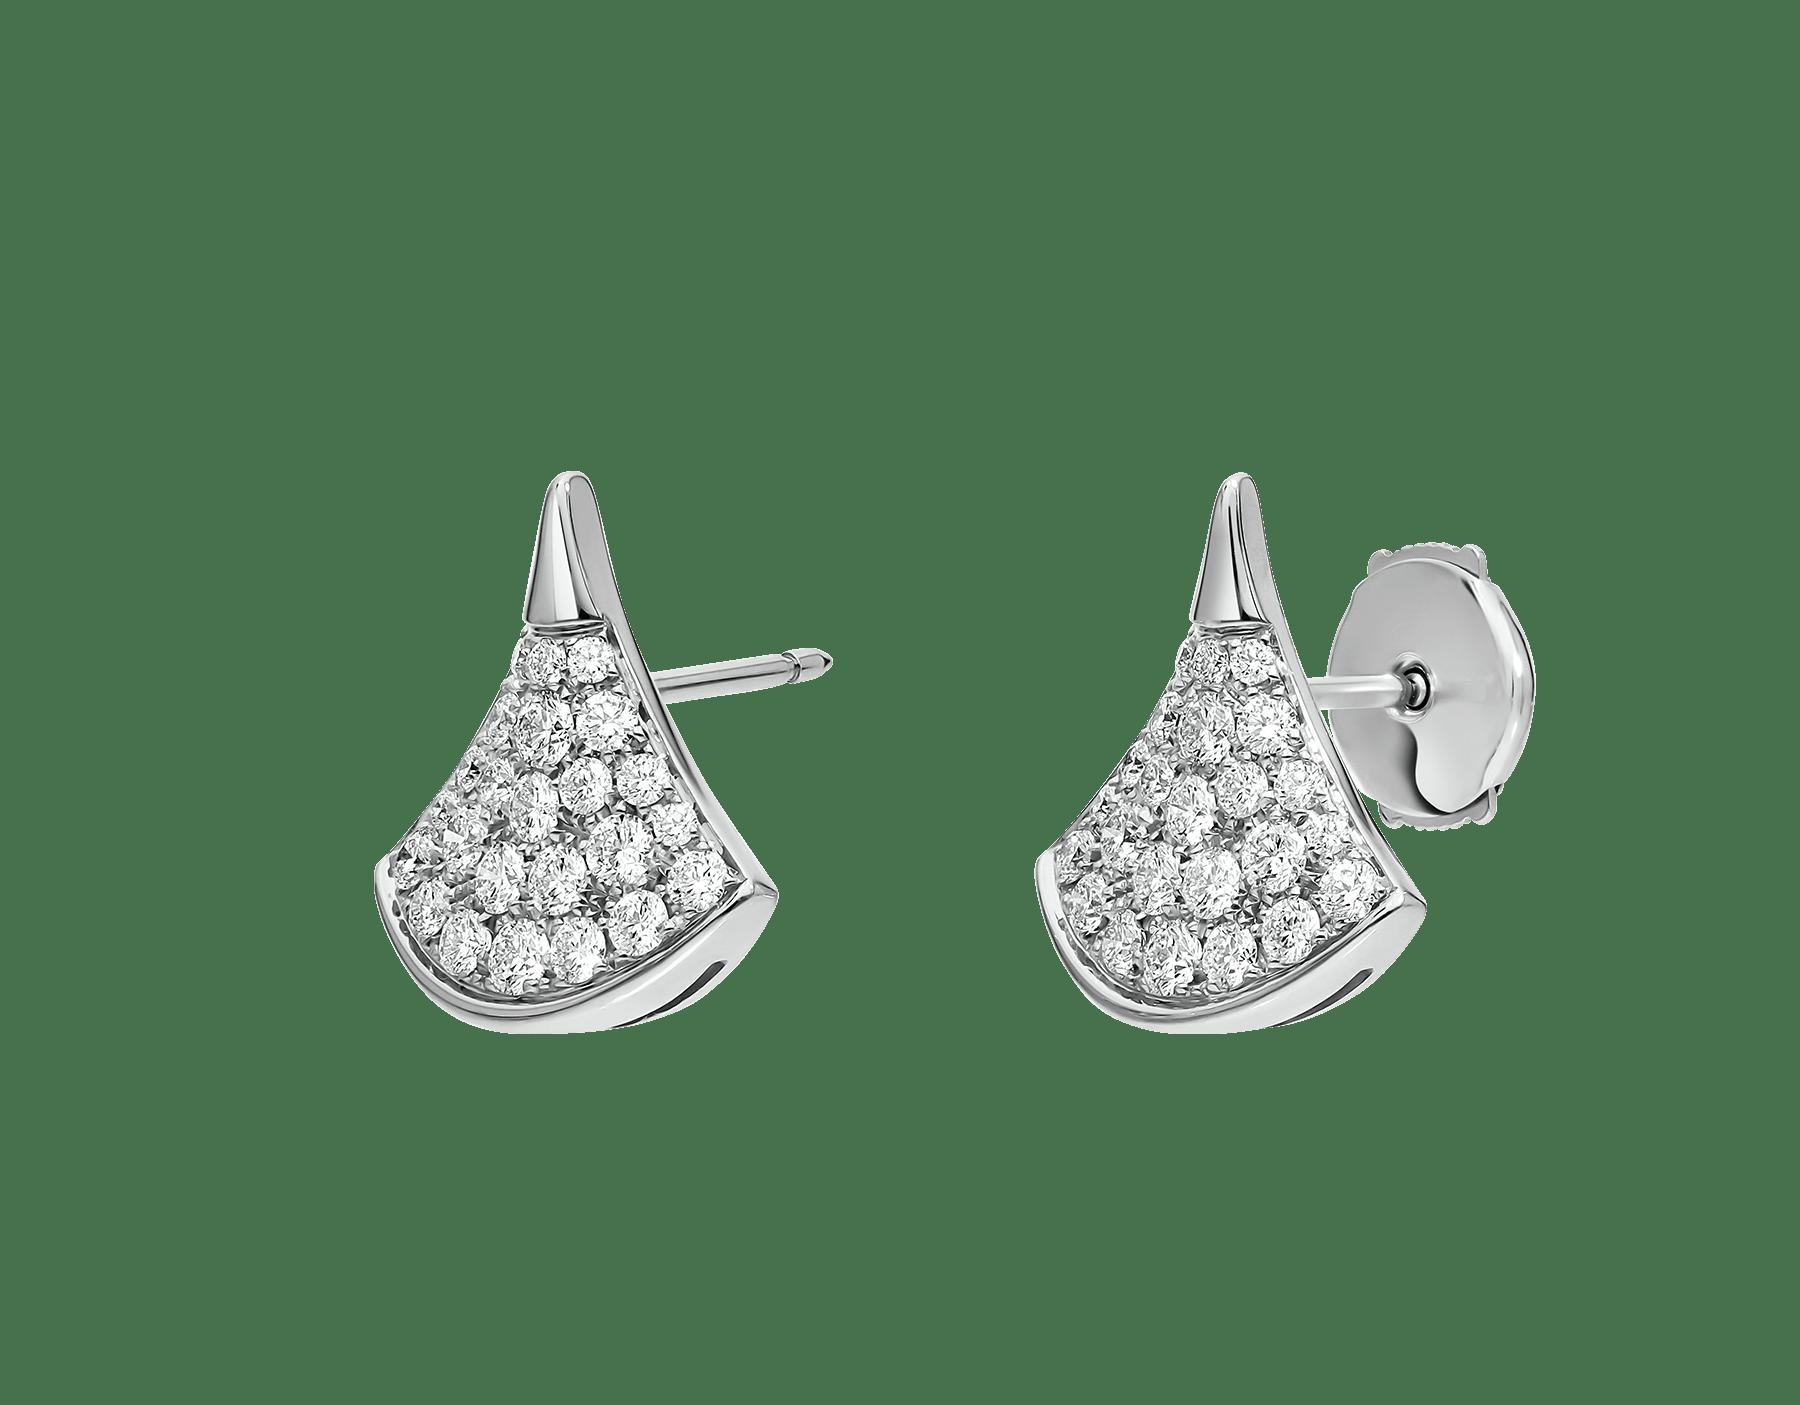 Les boucles d'oreilles DIVAS' DREAM révèlent l'élégance raffinée de chaque diva grâce à la pureté de leur silhouette féminine et l'association classique et intemporelle du pavé diamants et de l'or blanc. 352602 image 2